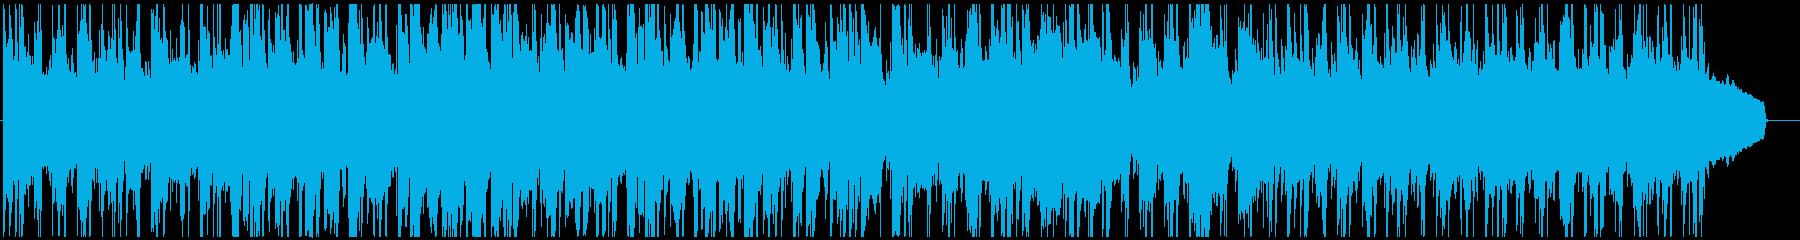 チルアウトジャジーな柔らかいHIPHOPの再生済みの波形